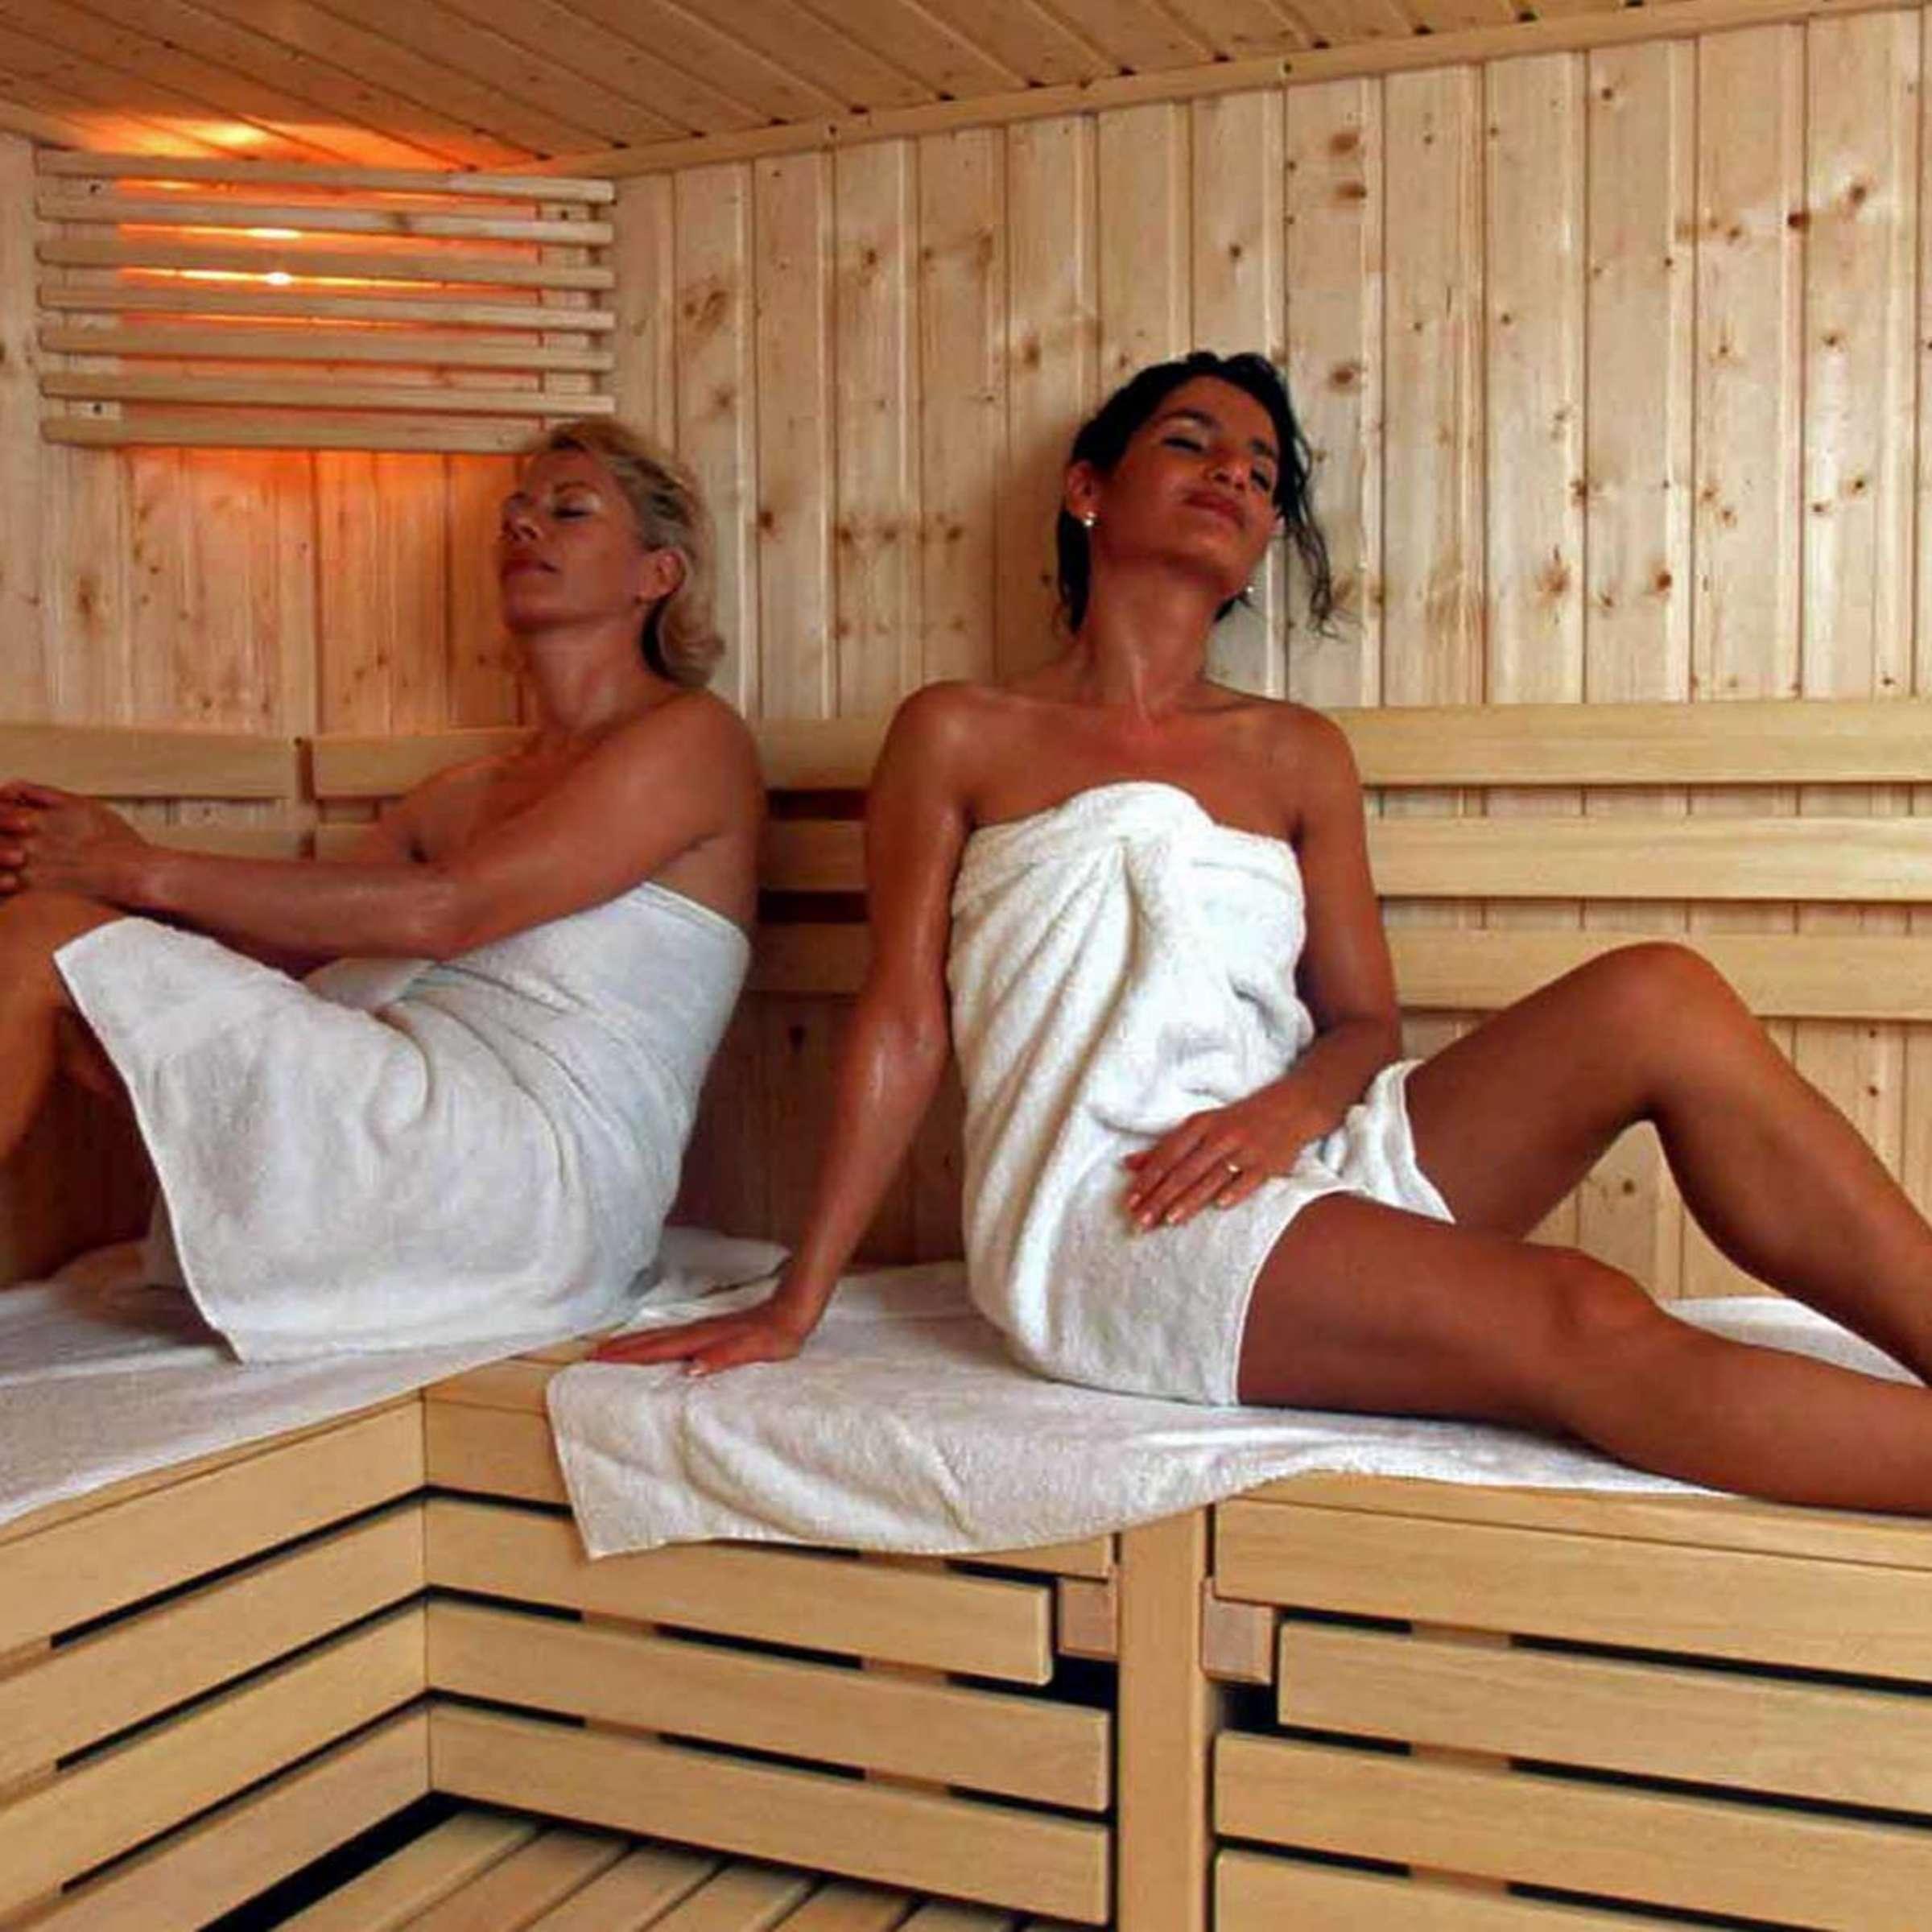 der holzofen sauna nackt